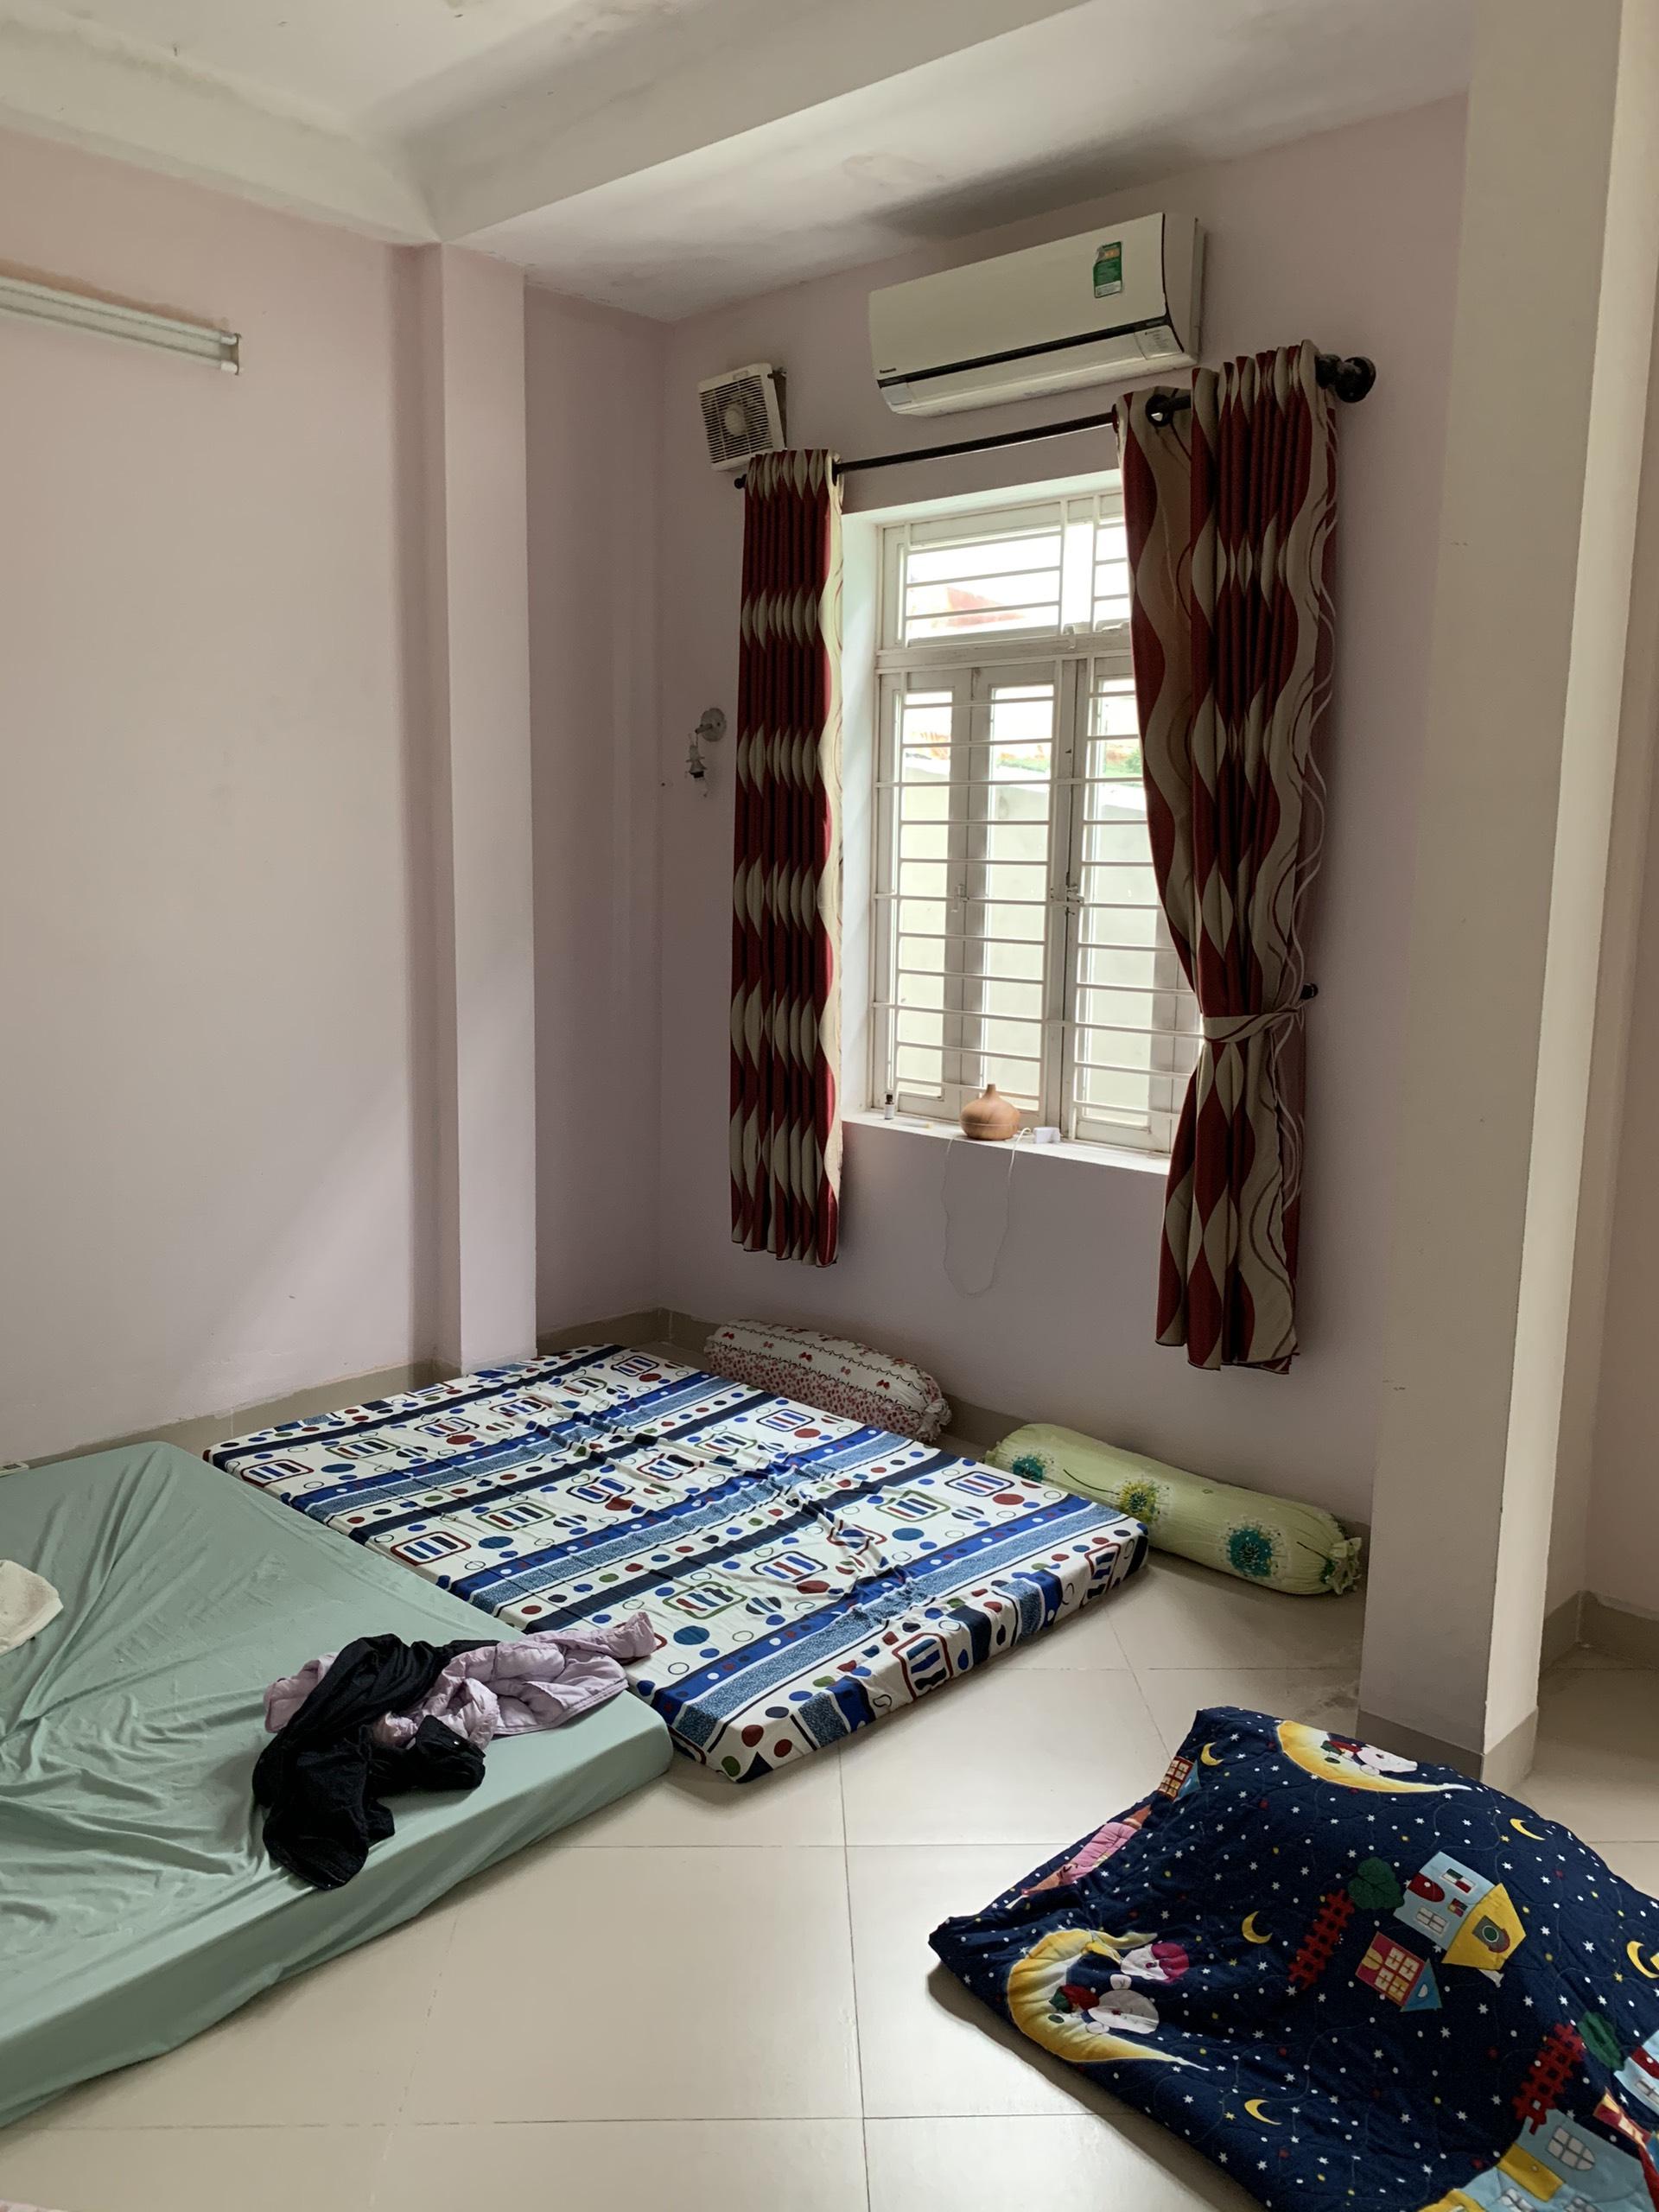 Phòng ngủ con lúc ban đầu chưa cải tạo